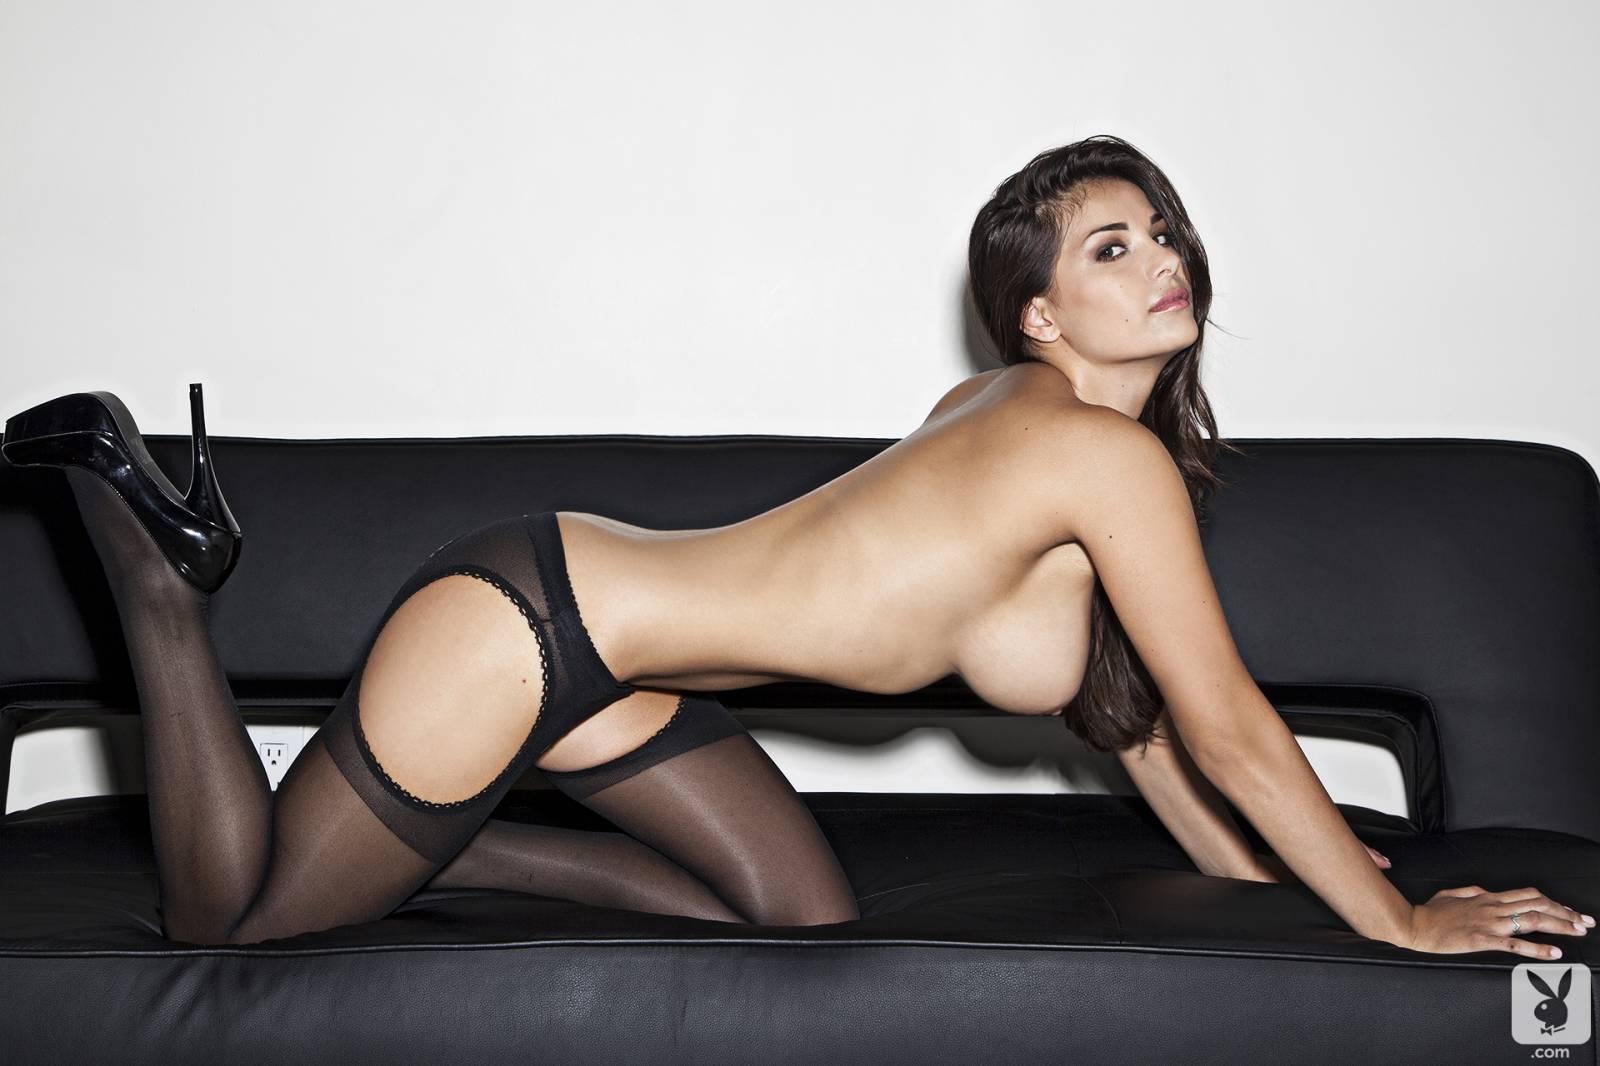 Самые красивые и сексуальные тёлки в колготках смотреть фото 3 фотография